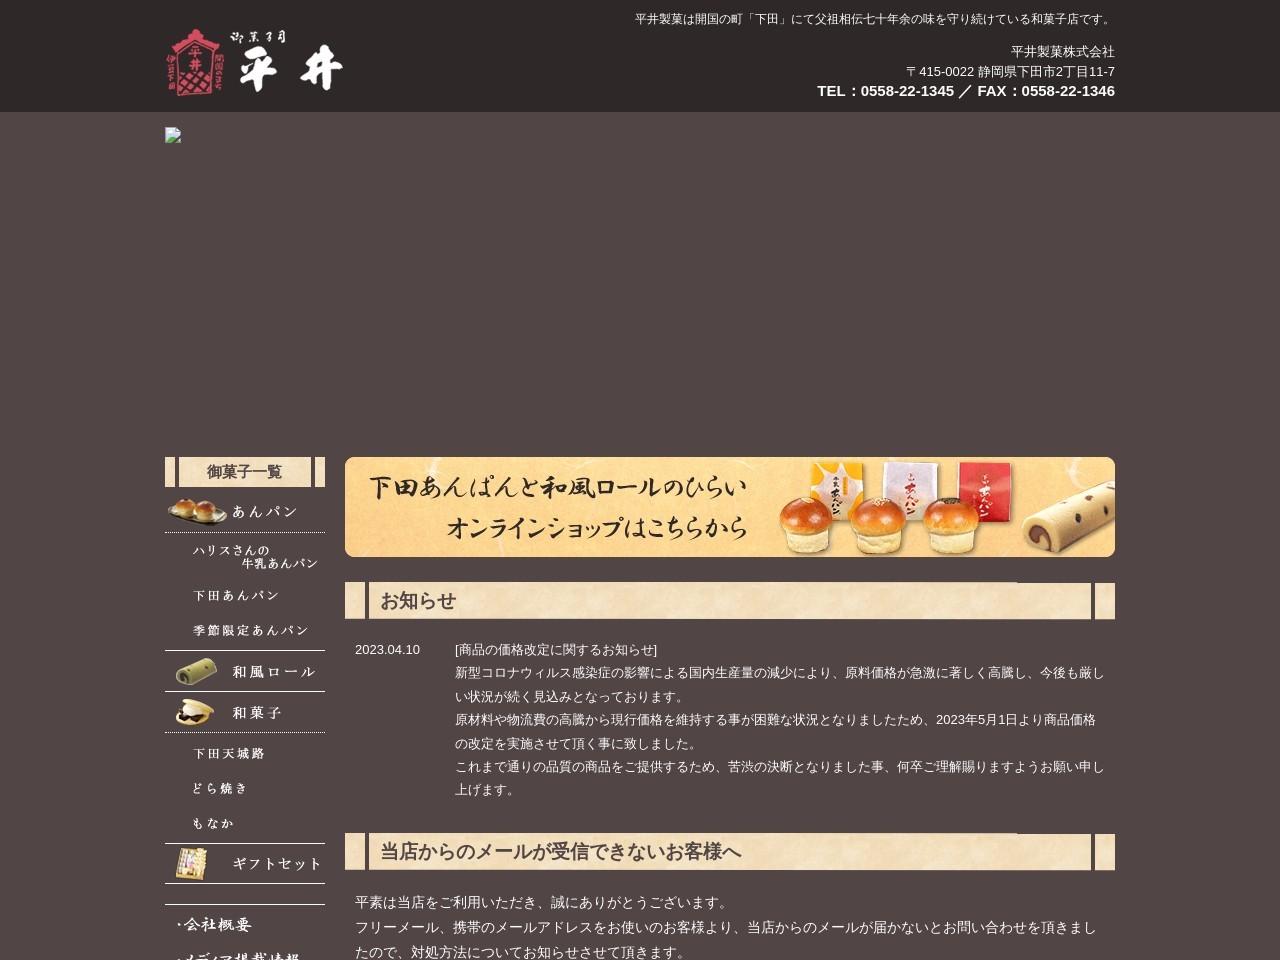 平井製菓株式会社/本店